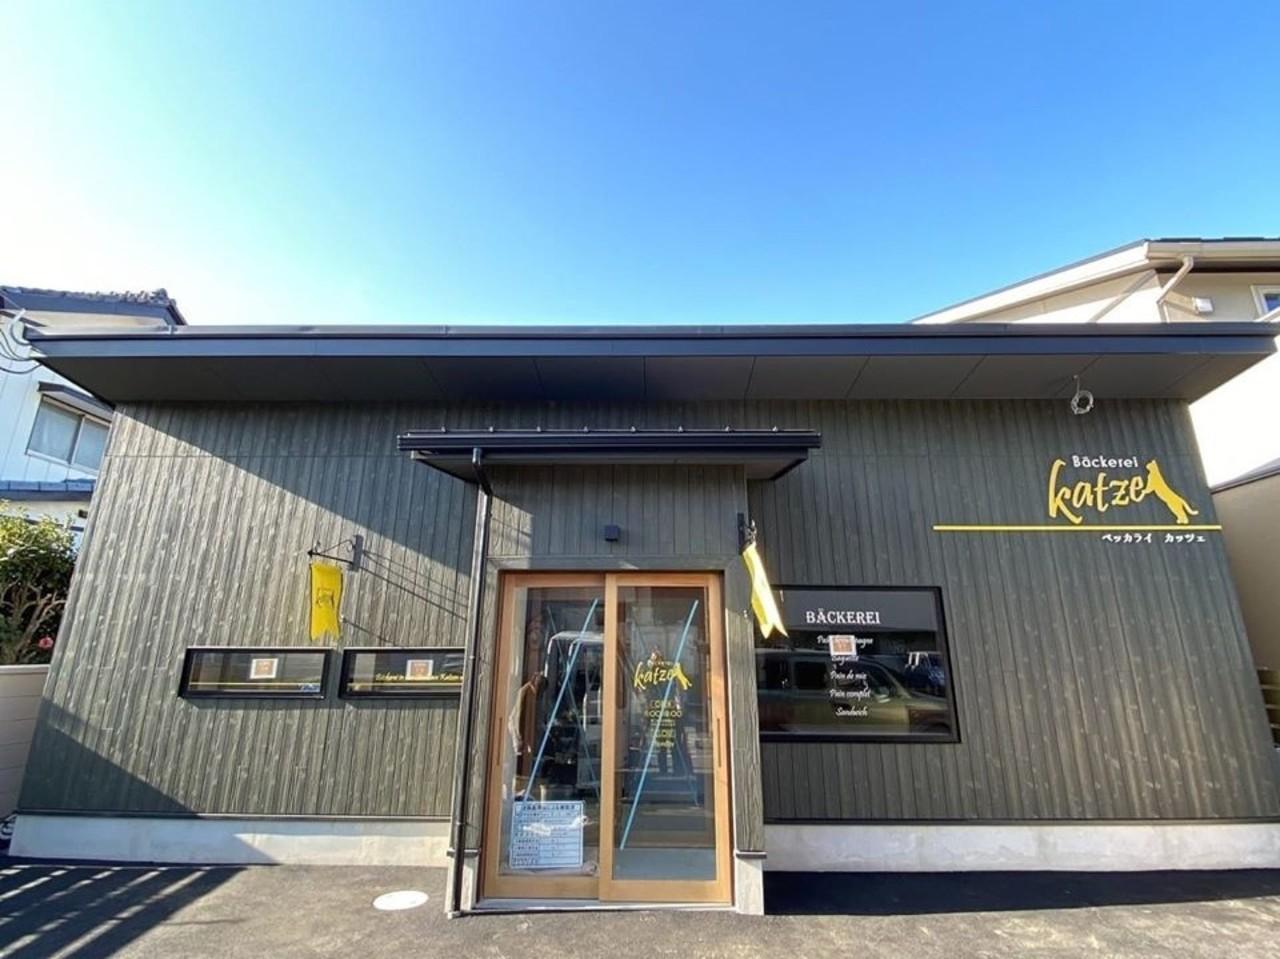 群馬県前橋市下小出町1丁目に「ベッカライ カッツェ」が5/9にオープンされたようです。